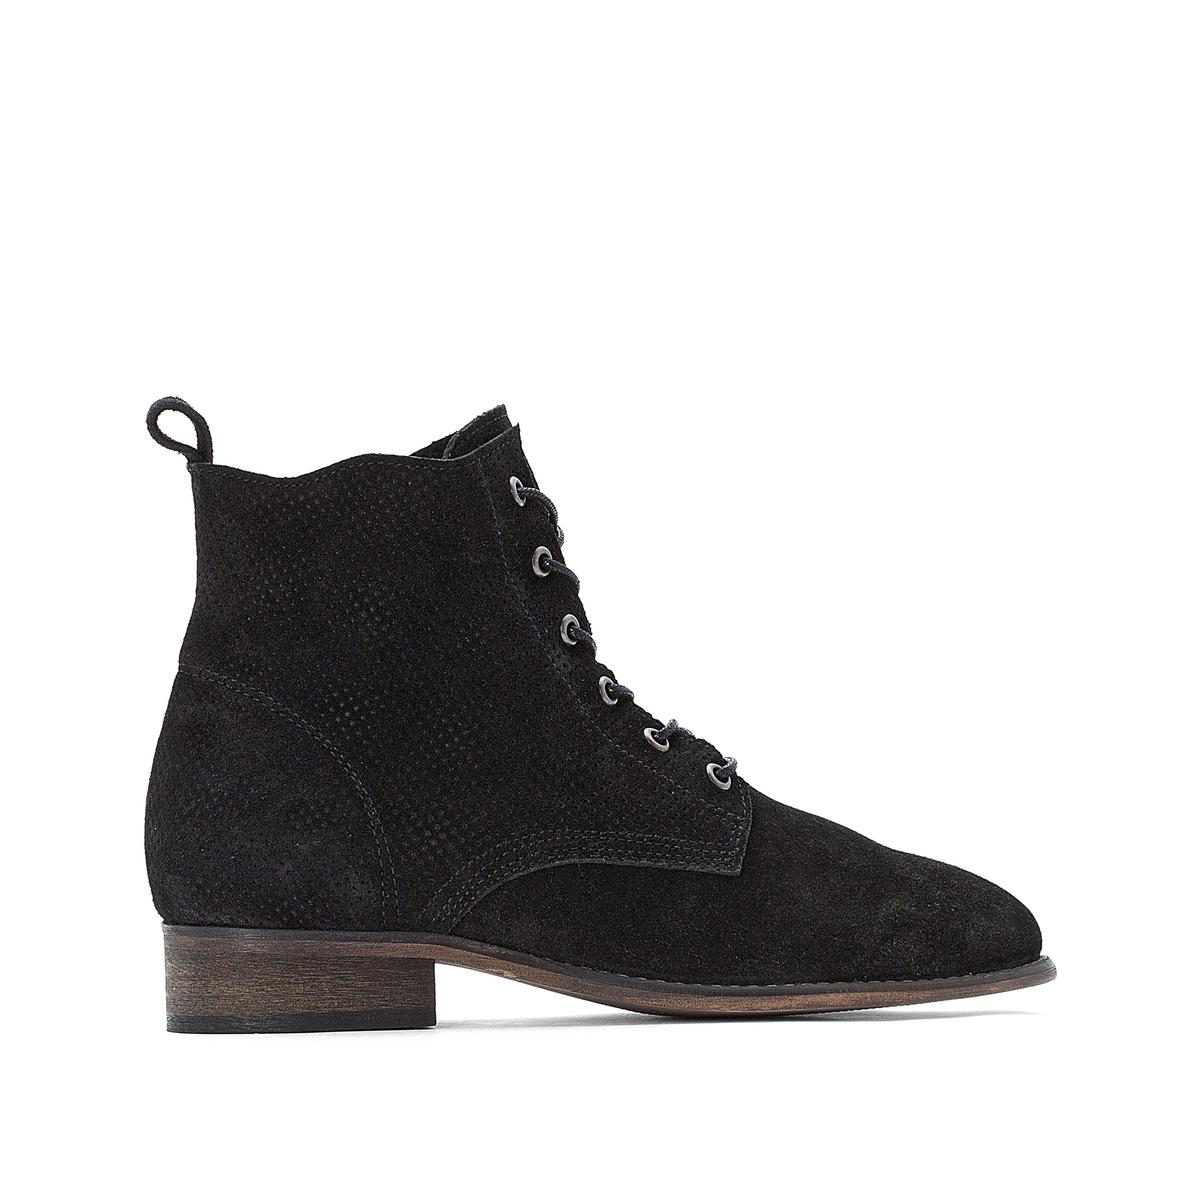 Ботильоны La Redoute Кожаные с перфорацией на шнуровке 36 черный рукавицы la redoute кожаные s черный